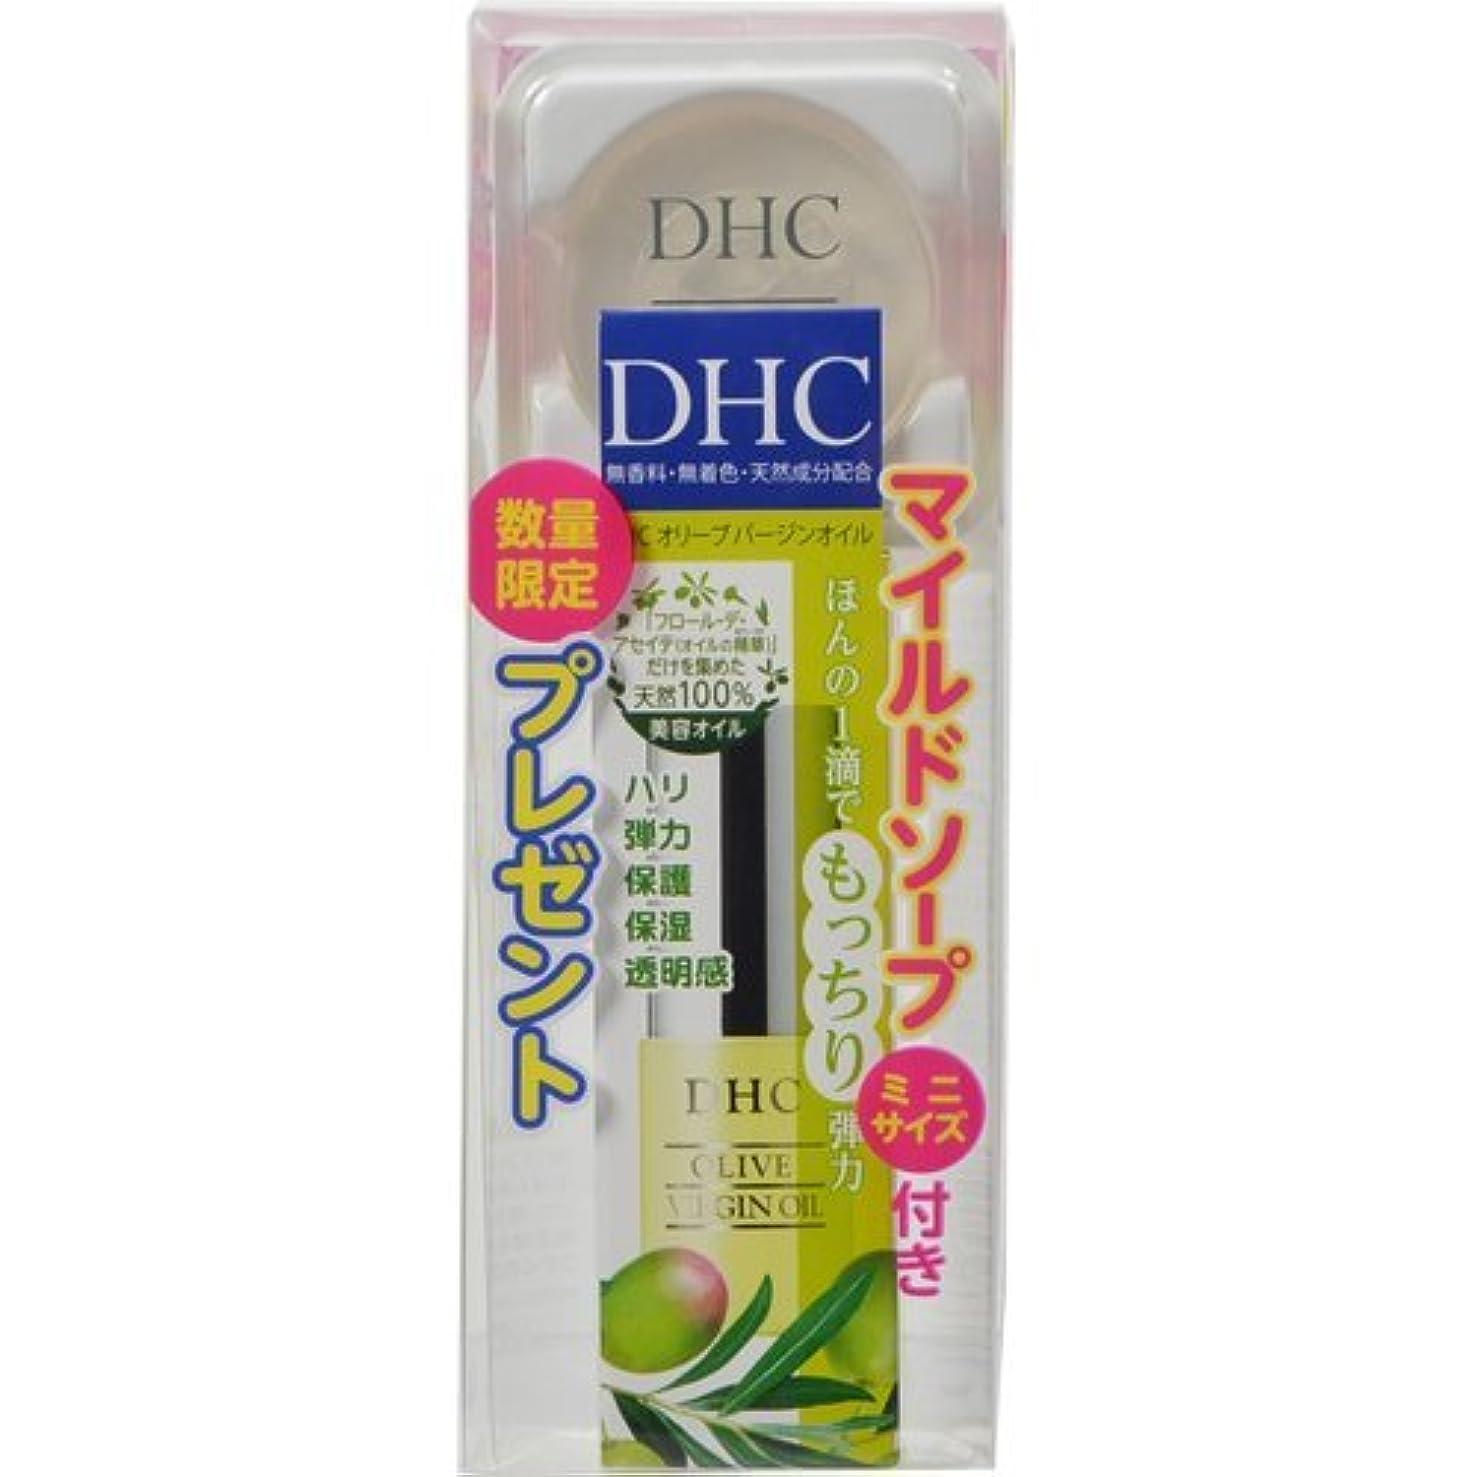 ヒップチューインガム乳【数量限定】DHC オリーブバージンオイル SS マイルドソープミニサイズ付き 7ml+マイルドソープ10g